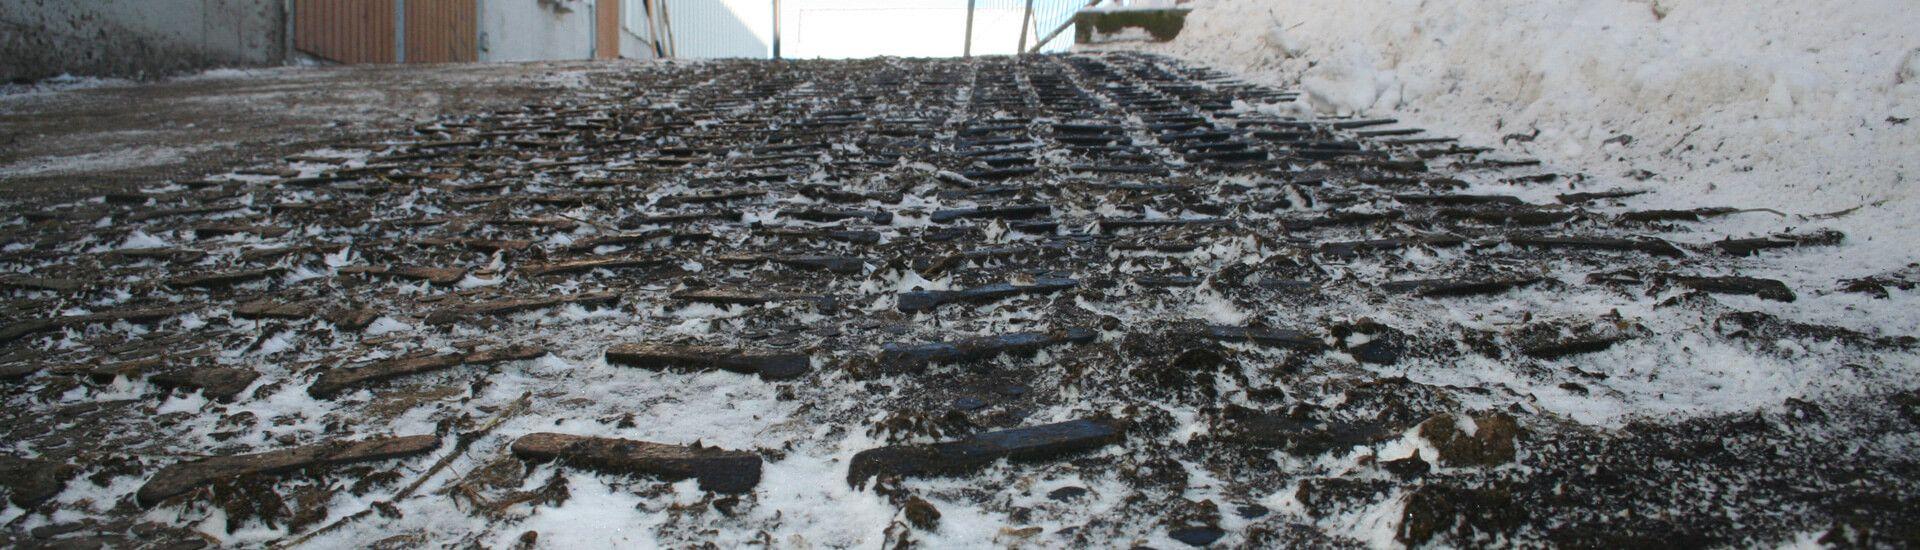 KRAIBURG MONTA: rubber flooring for steep passages in dairy housing